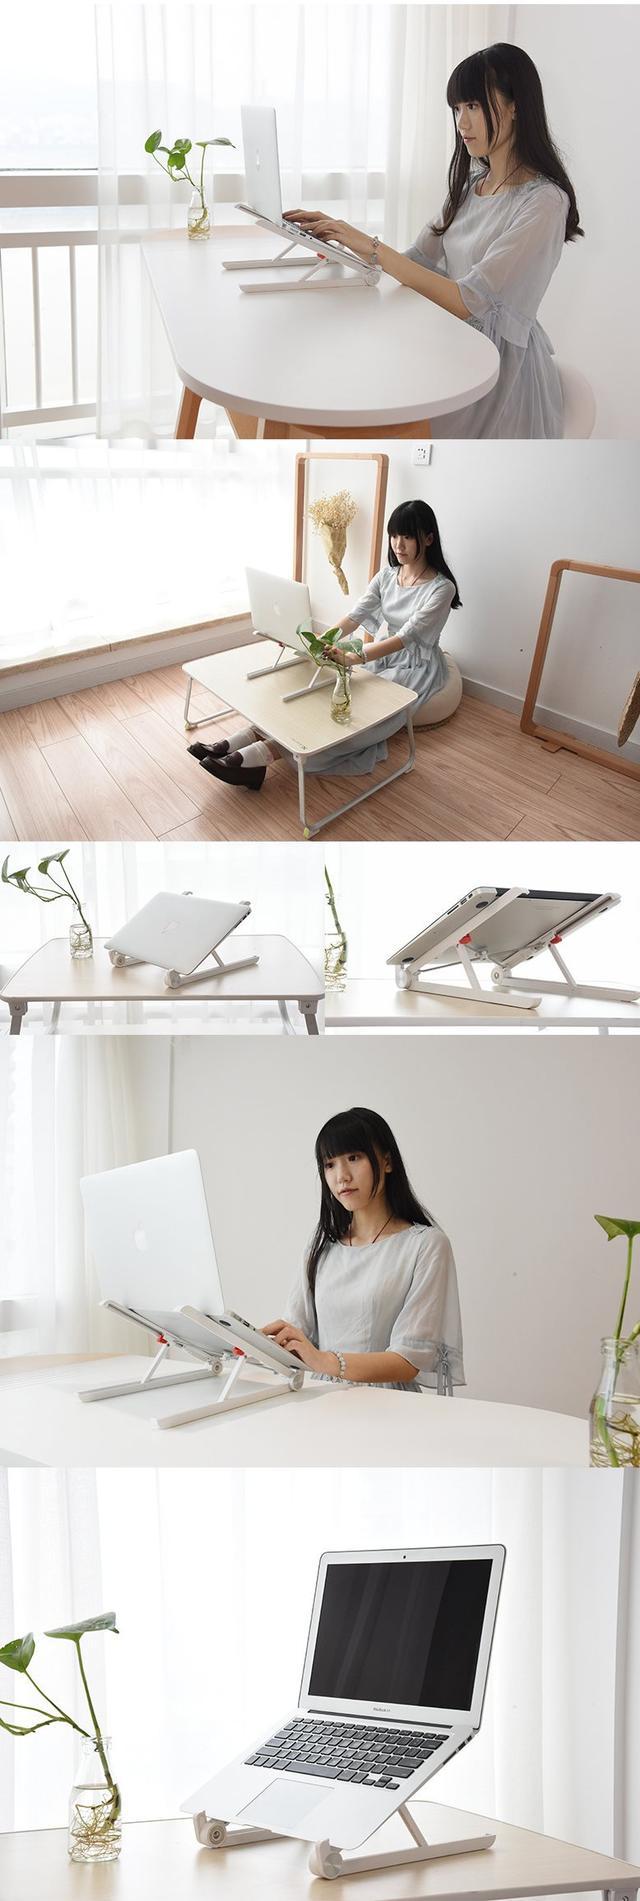 Складная пластиковая подставка под смартфон и планшет цвет белый